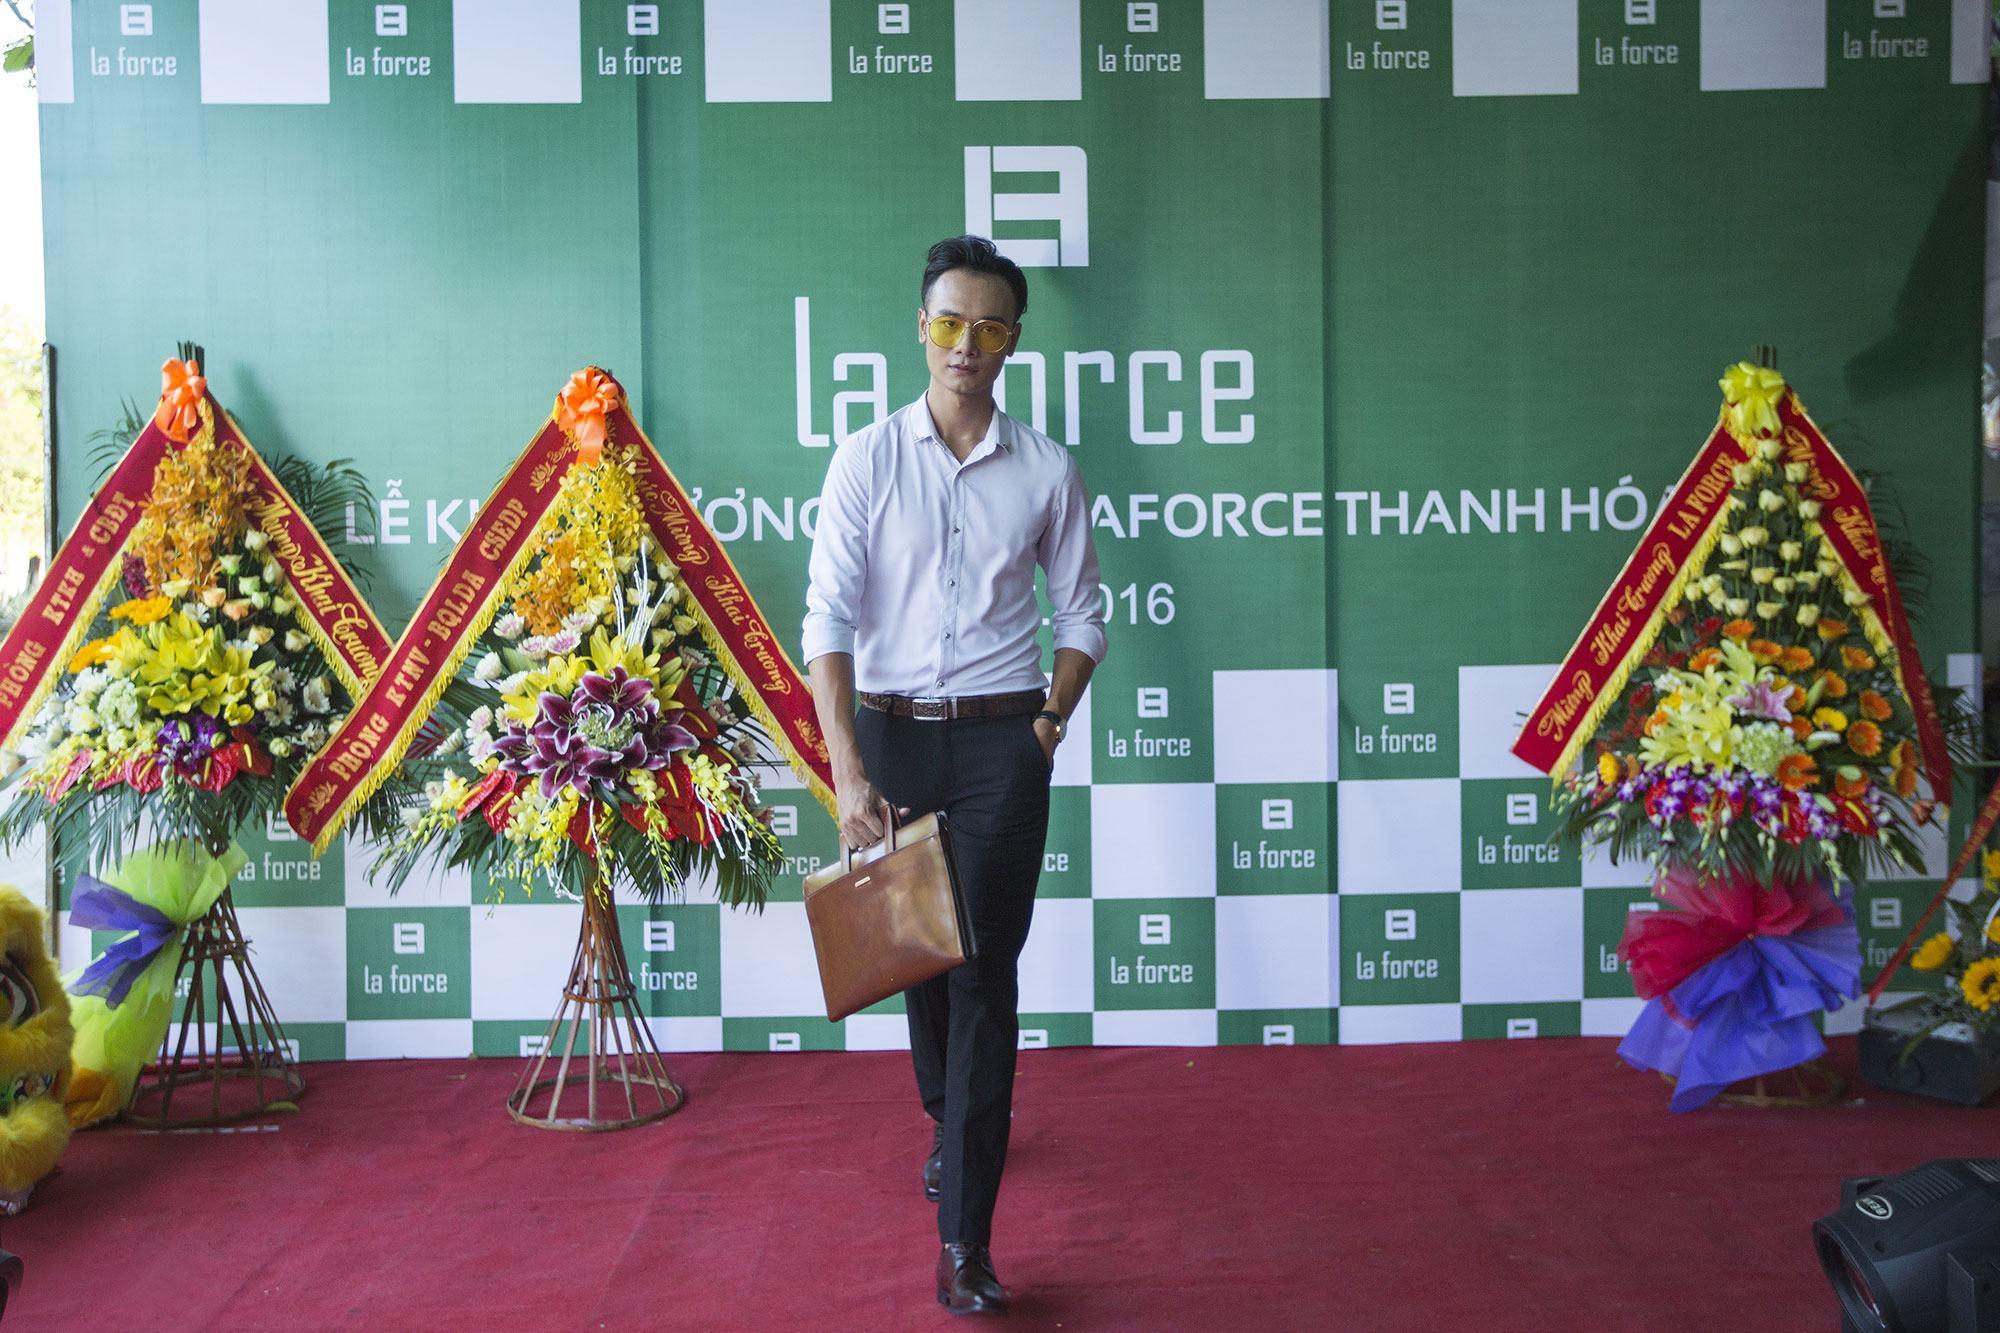 Màn trình diễn các phụ kiện của LaForce của các người mẫu hàng đầu đến từ Hà Nội